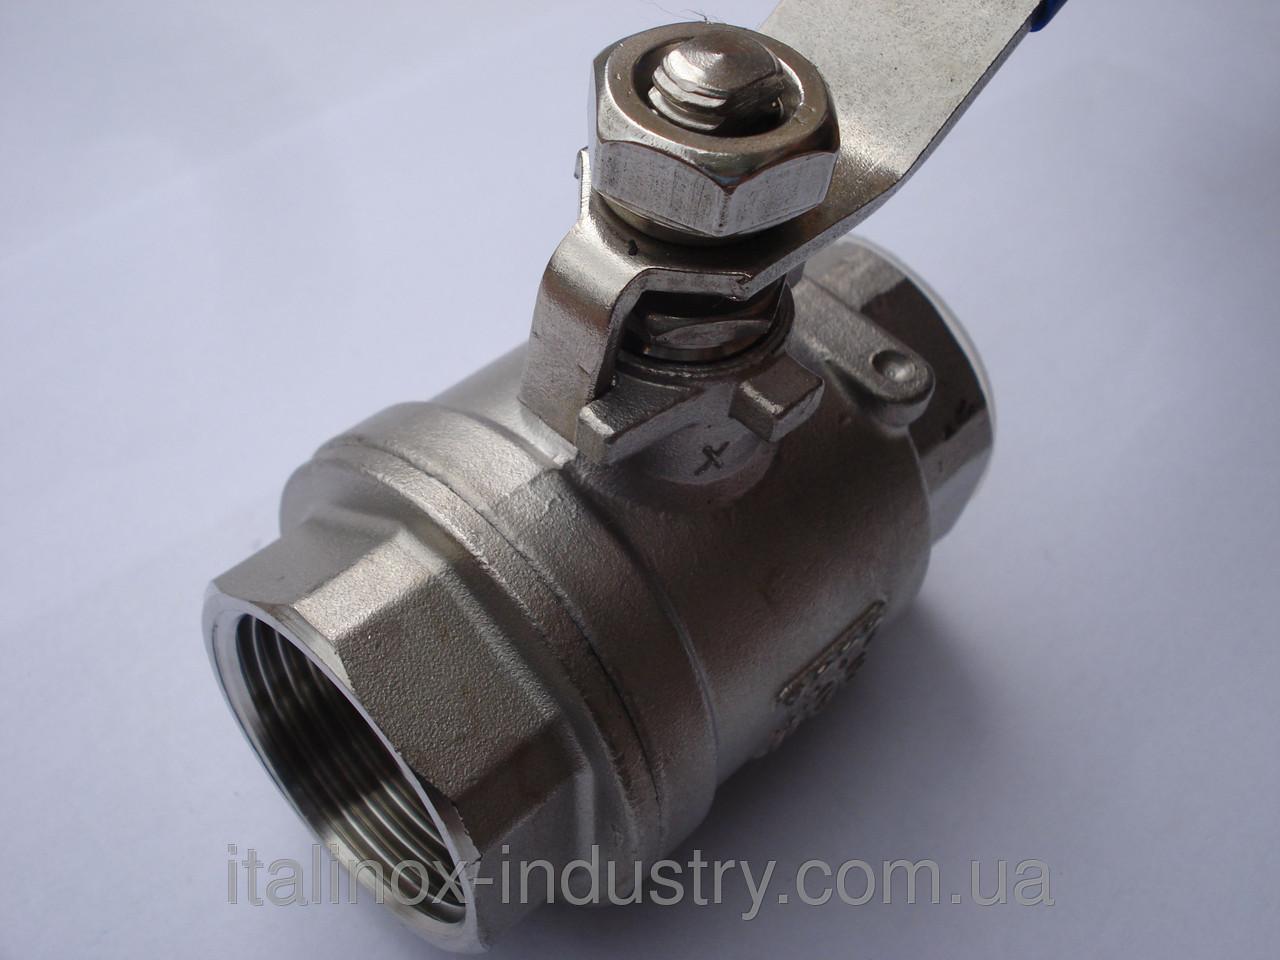 Нержавеющий кран AISI 304 (08Х18Н10)  2- корп. M/M DN 32